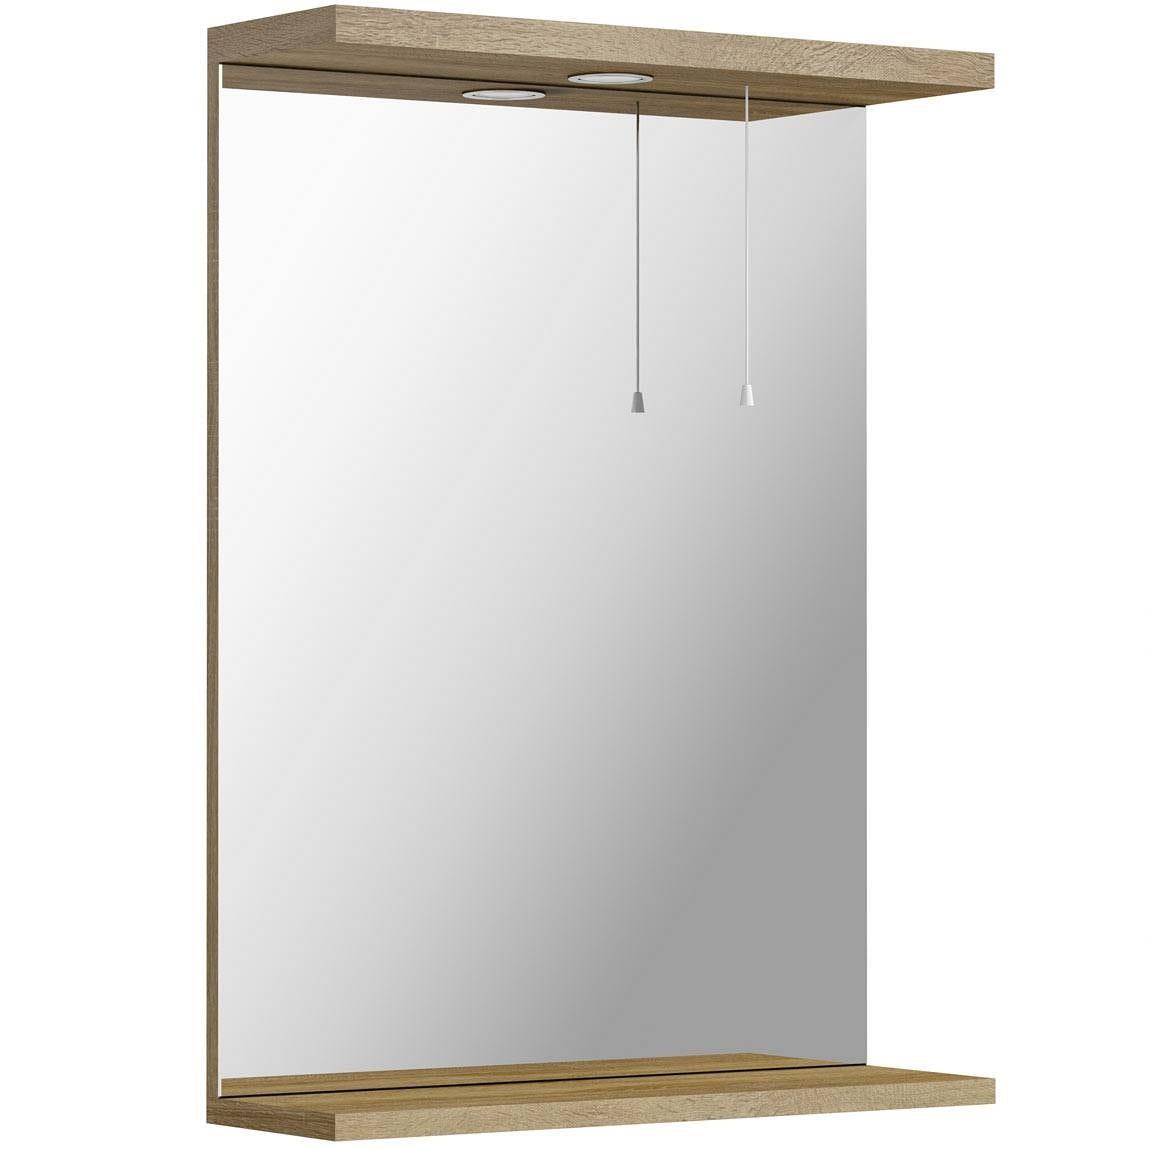 Sienna Oak 55 Mirror With Lights